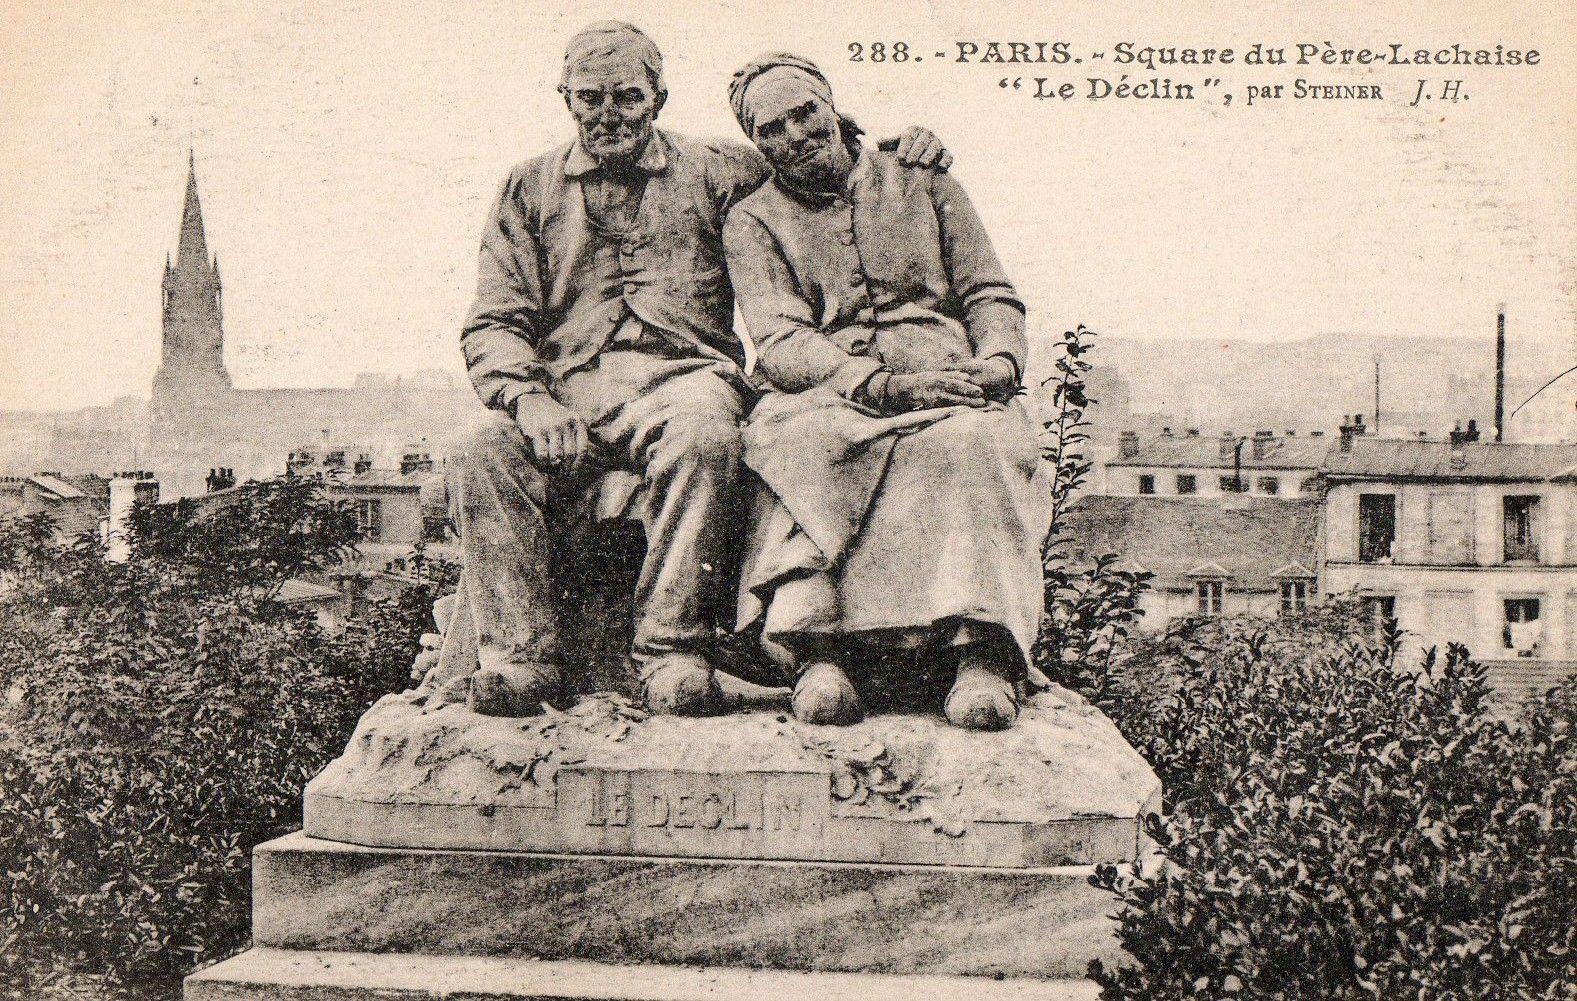 'Le Décline'. About 1925